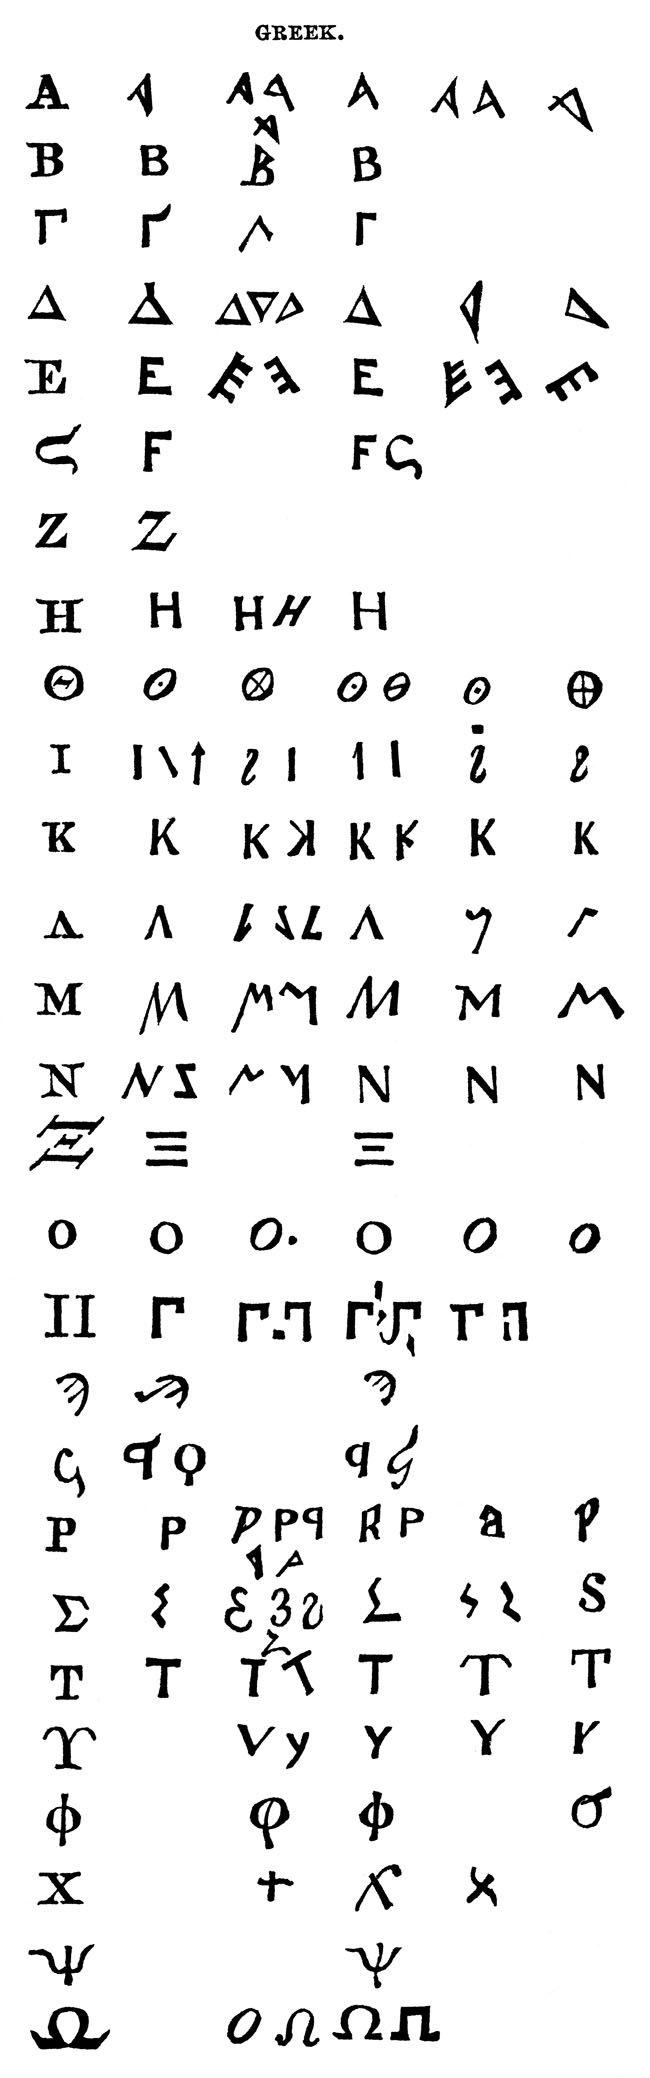 Greek Handwriting — Handwritten letters in Greek